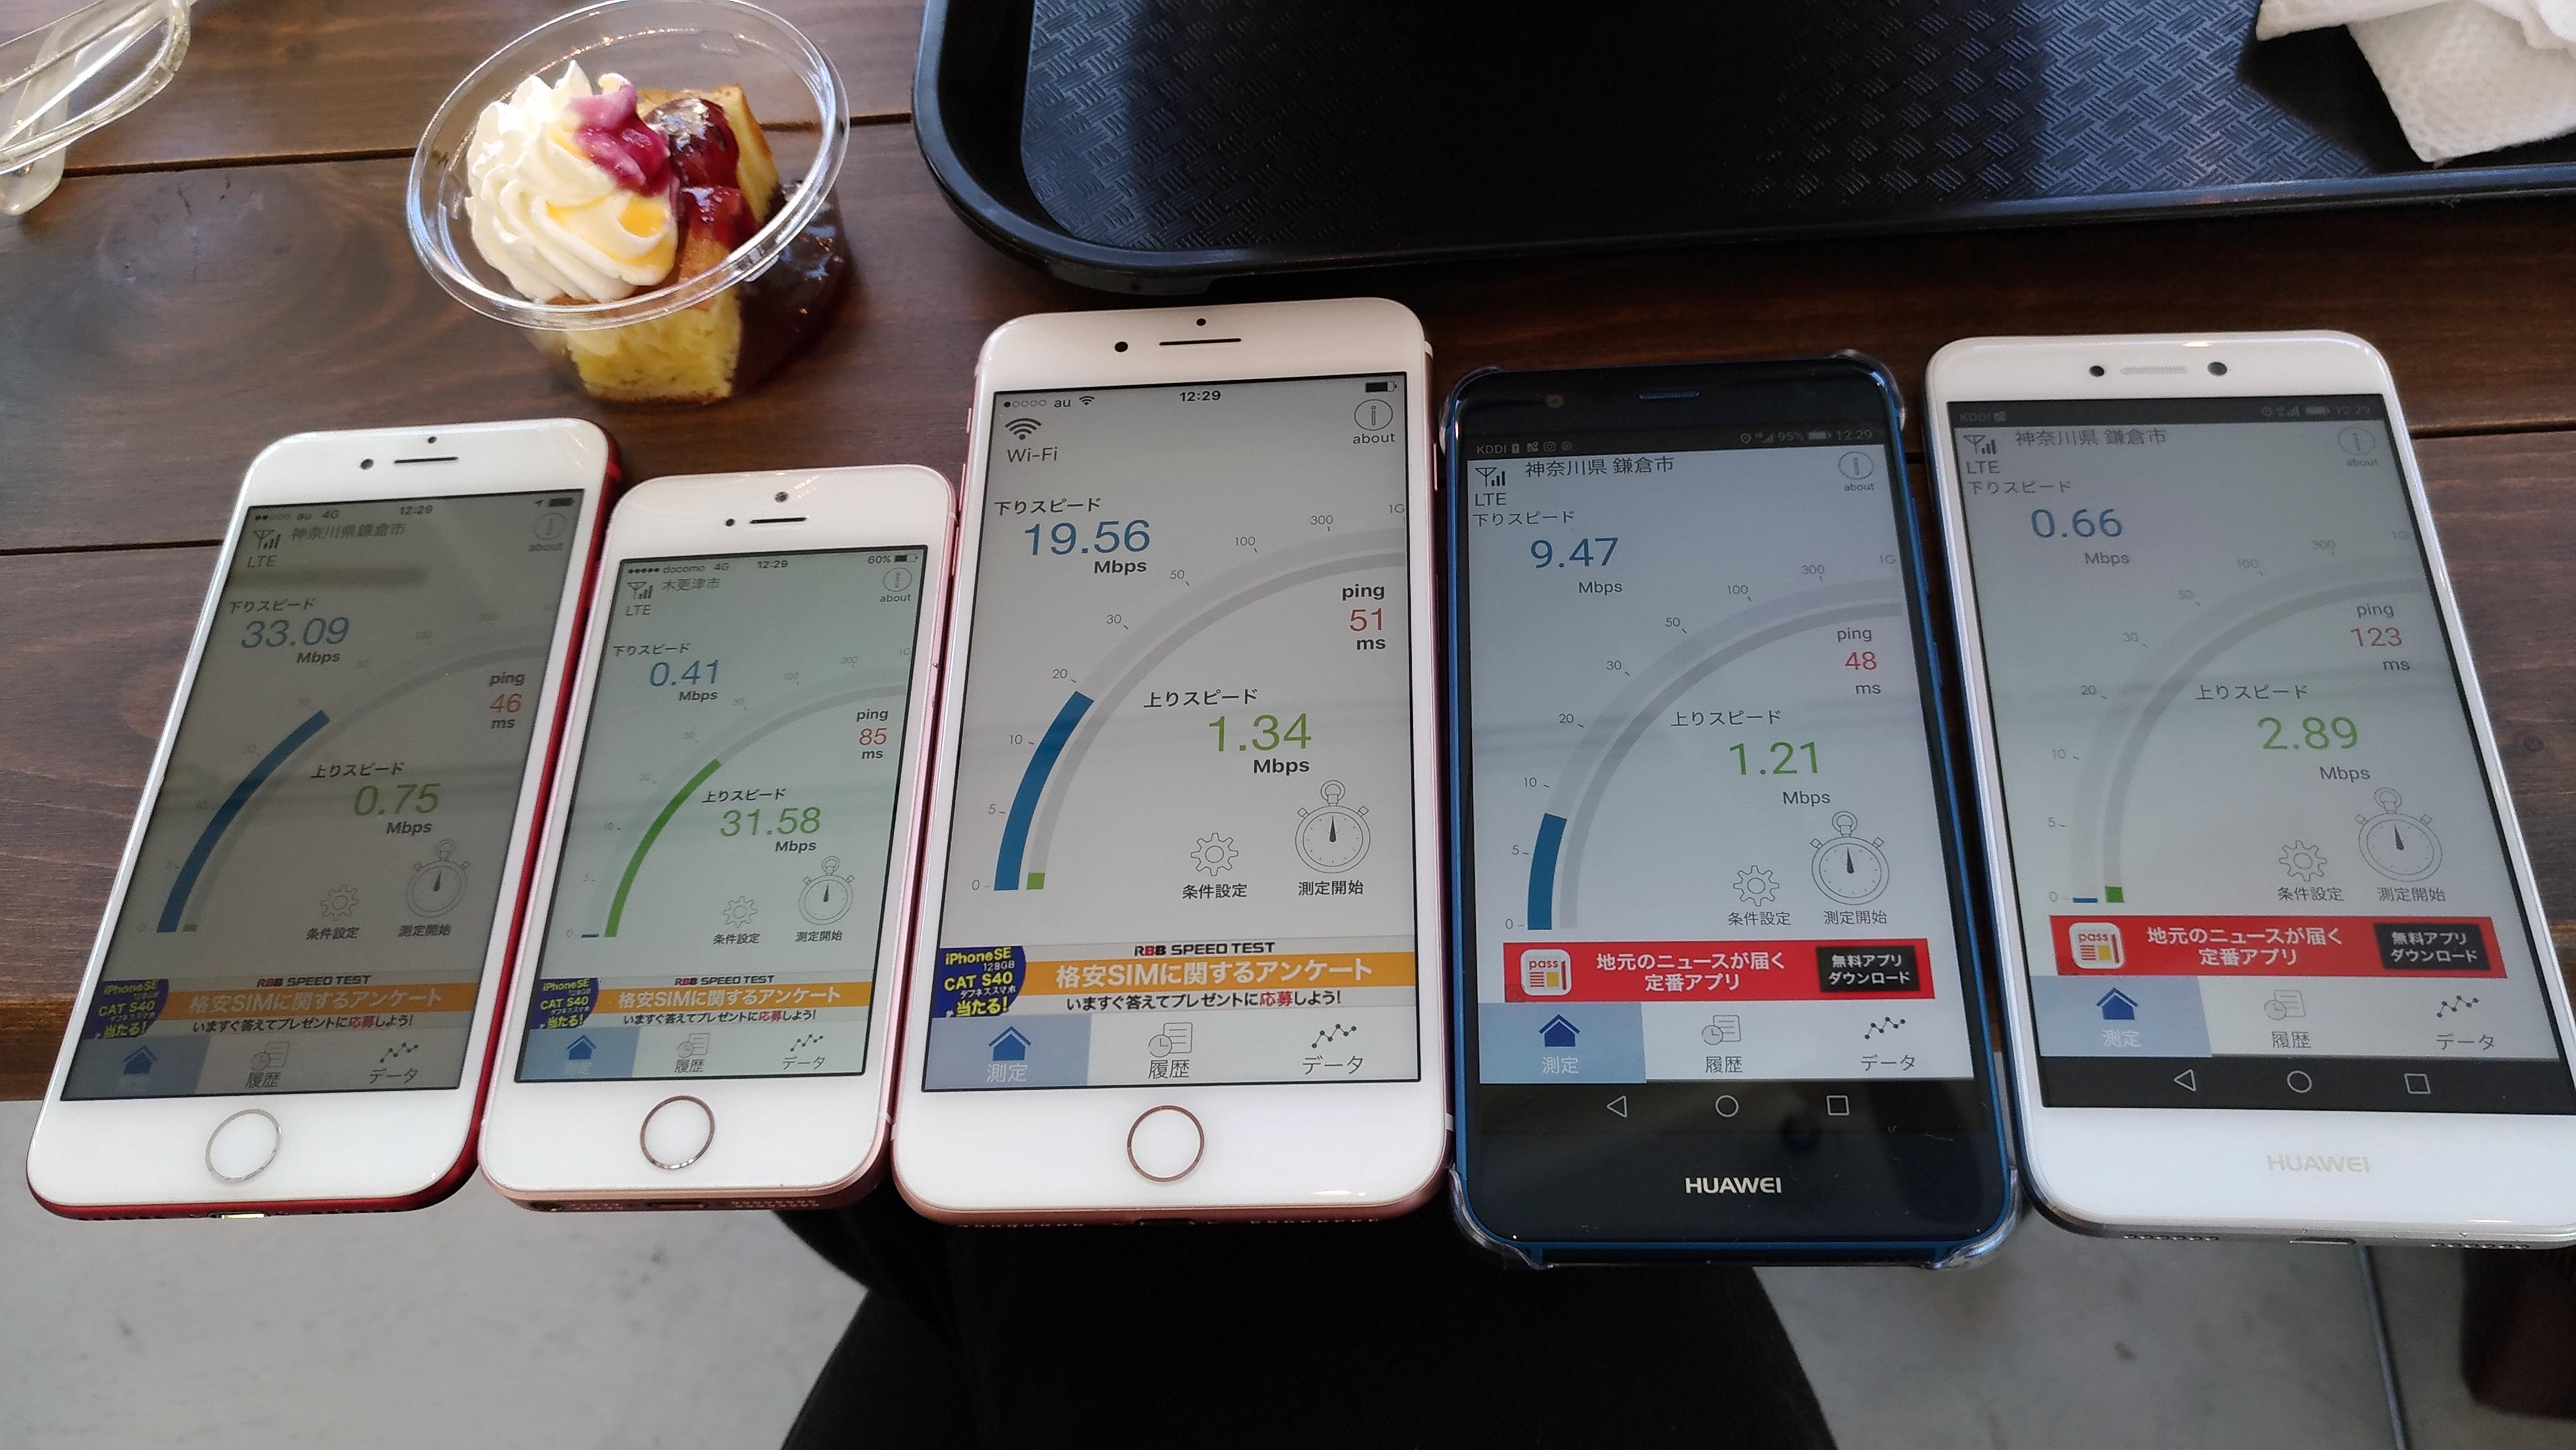 Copen Local Base Kamakuraにて通信速度を計測